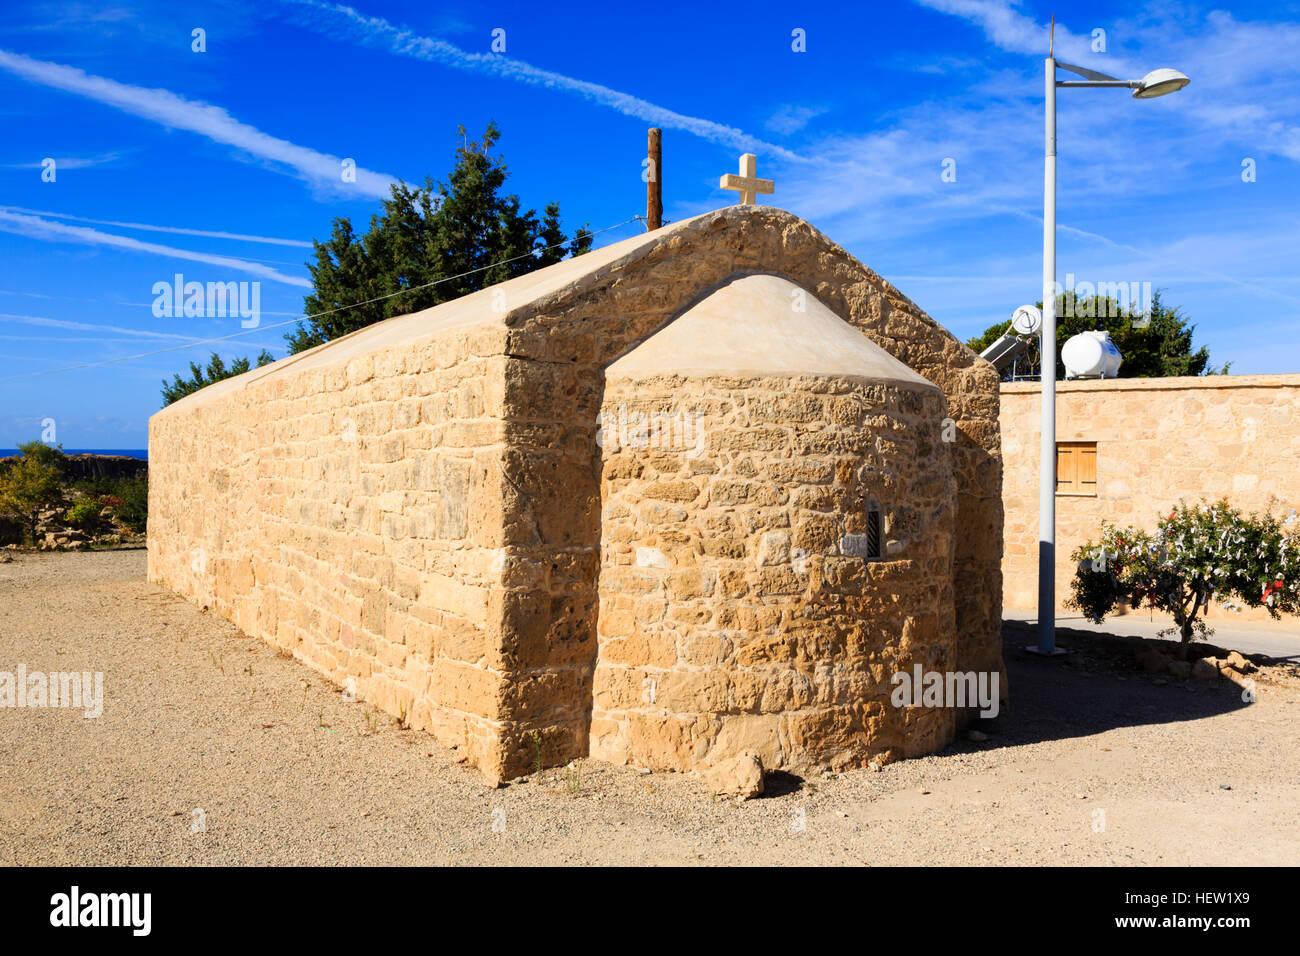 Originaria della chiesa di Agios Georgios, Paphos, Cipro. Immagini Stock